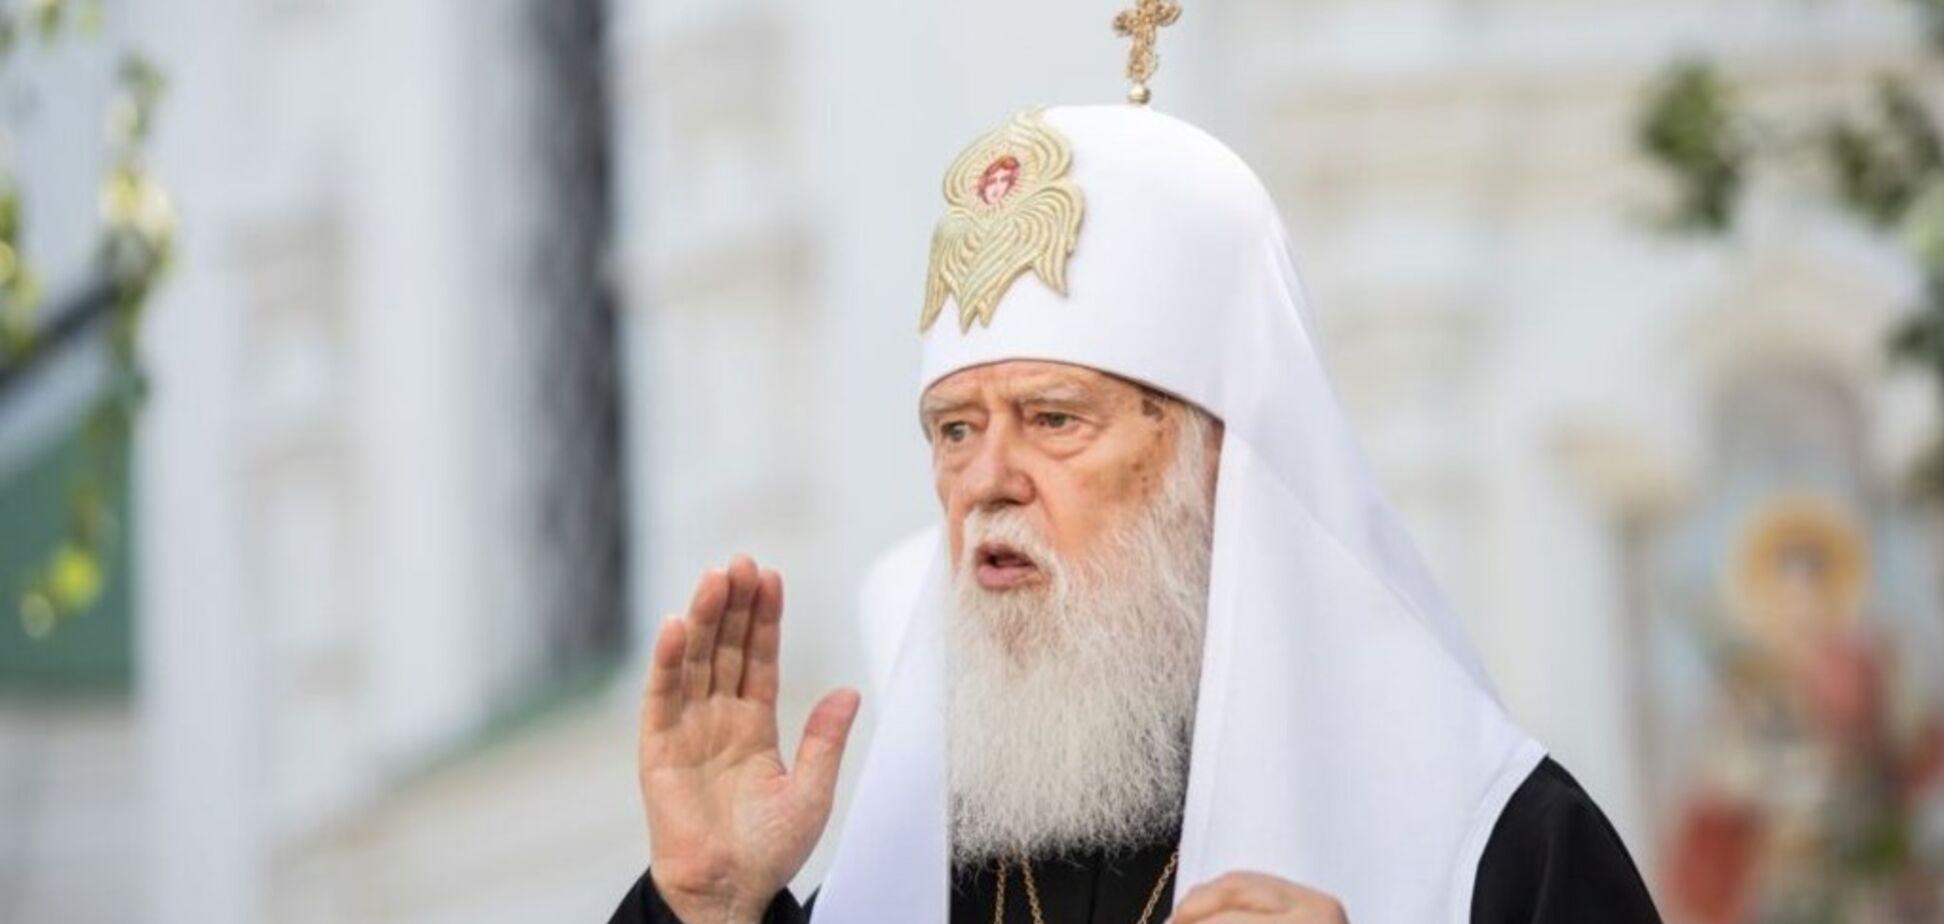 Создание ПЦУ: Филарет официально открестился от Поместного собора